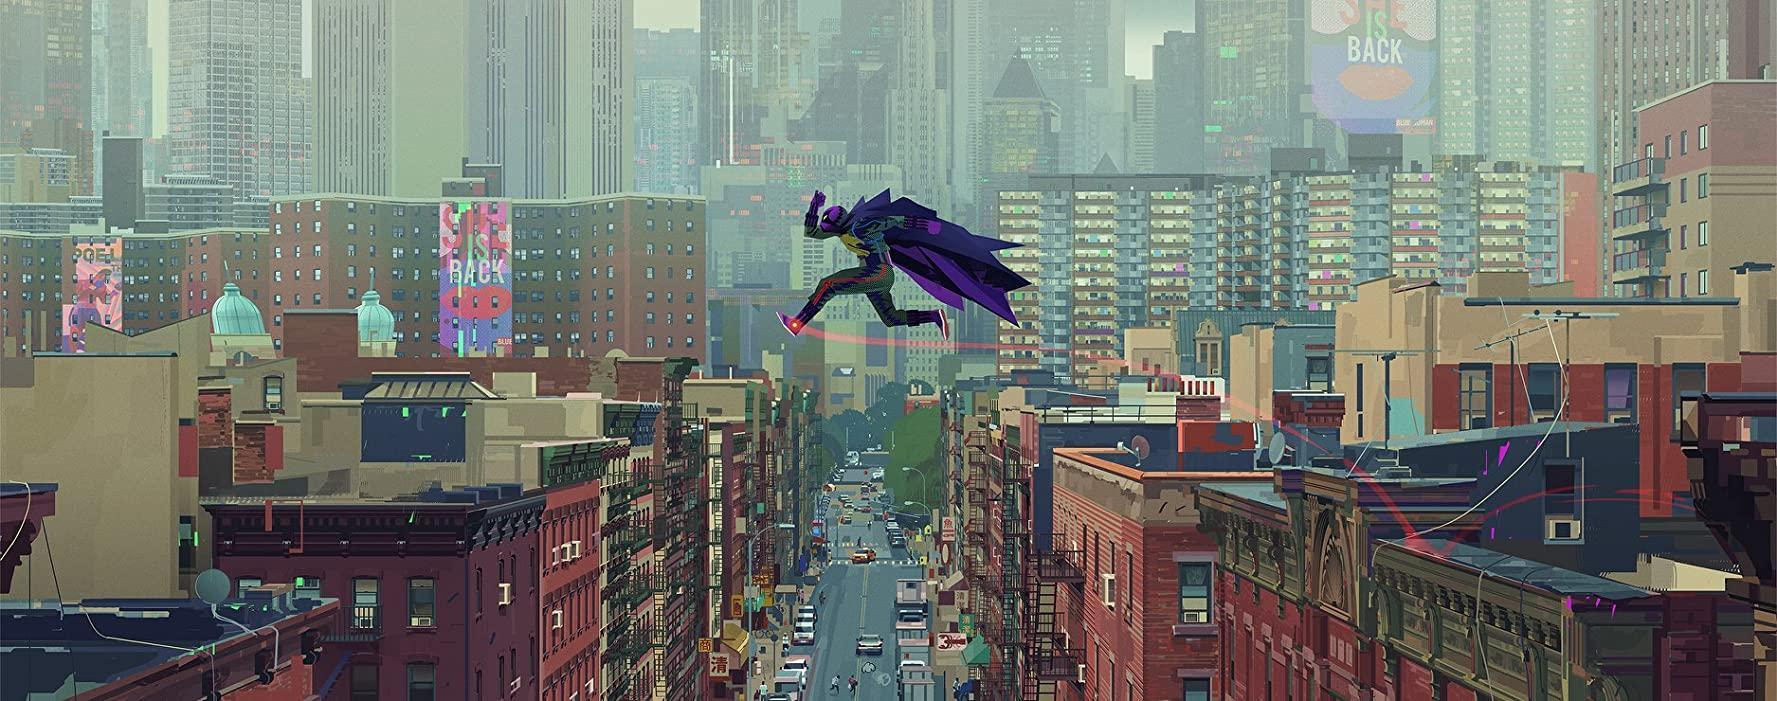 مشاهدة فيلم Spider-Man: into the Spider Verse (2019) مترجم HD اون لاين